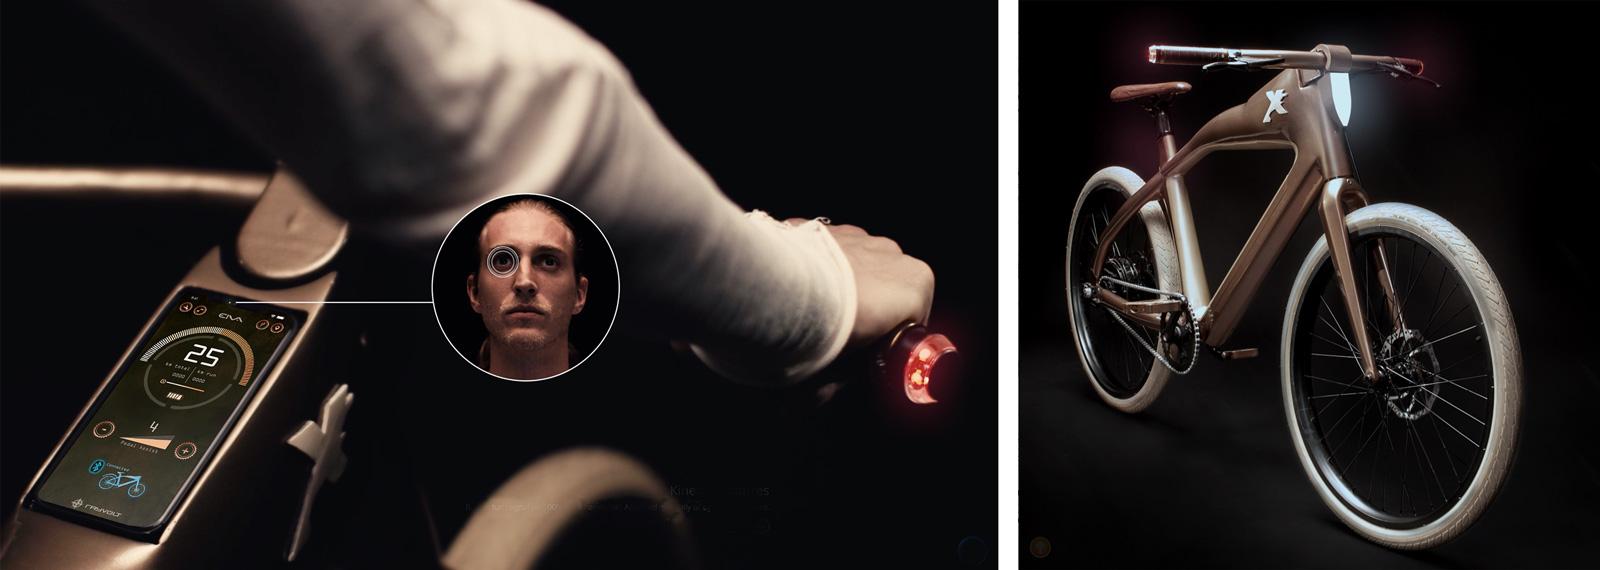 Das Fahrrad wird zum Smartbike: X-One von Rayvolt